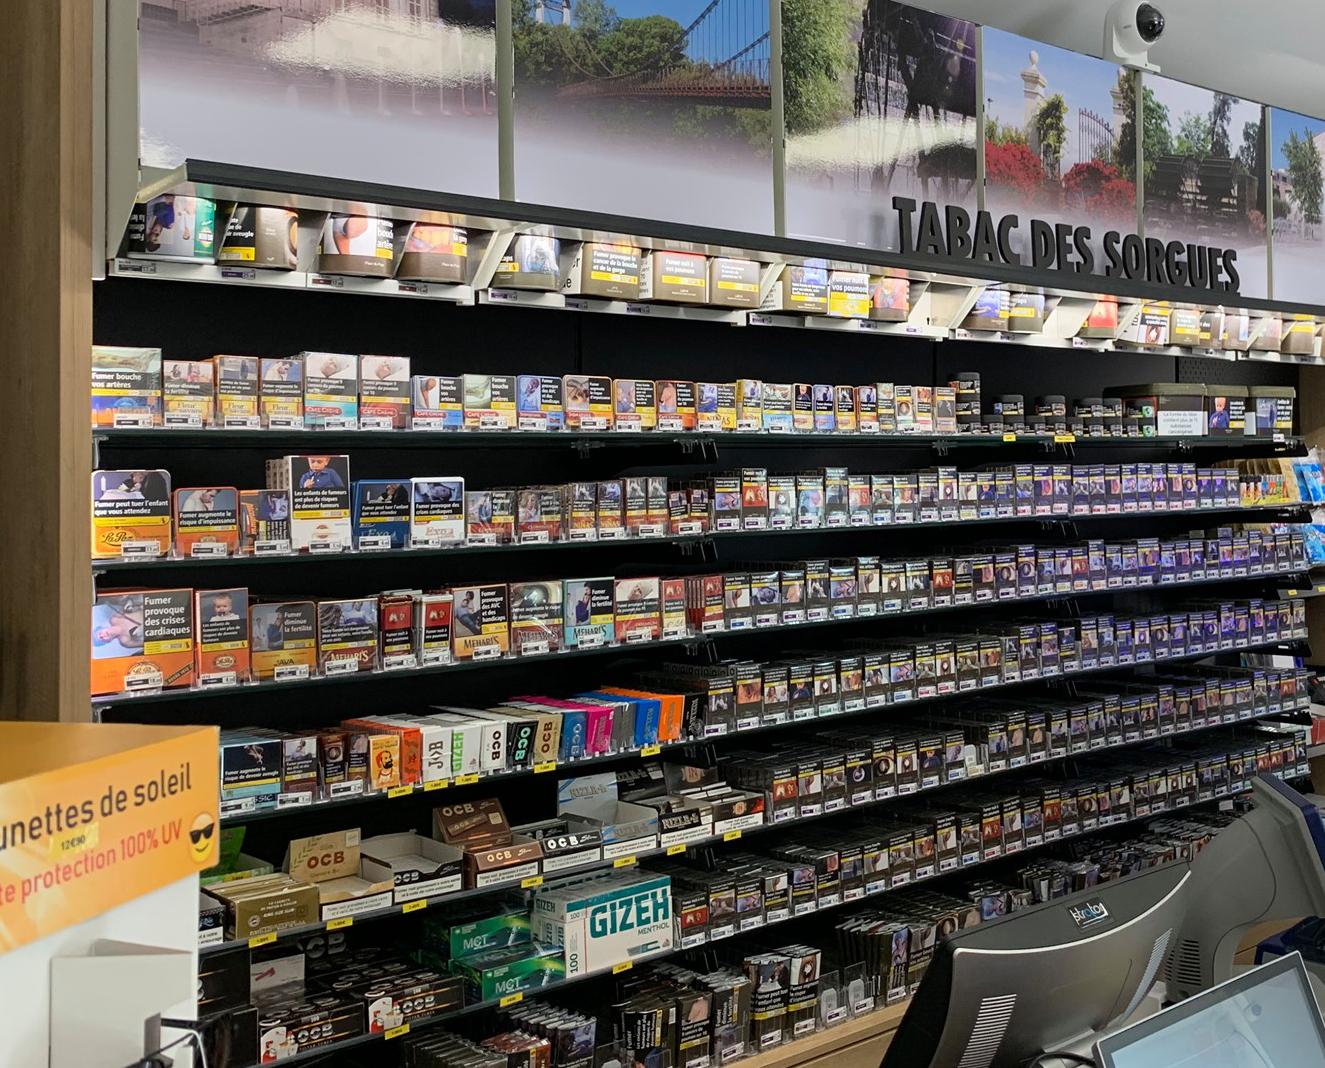 poussoirs-cigarettes-tabac-des-sorgues / a2m diffusion